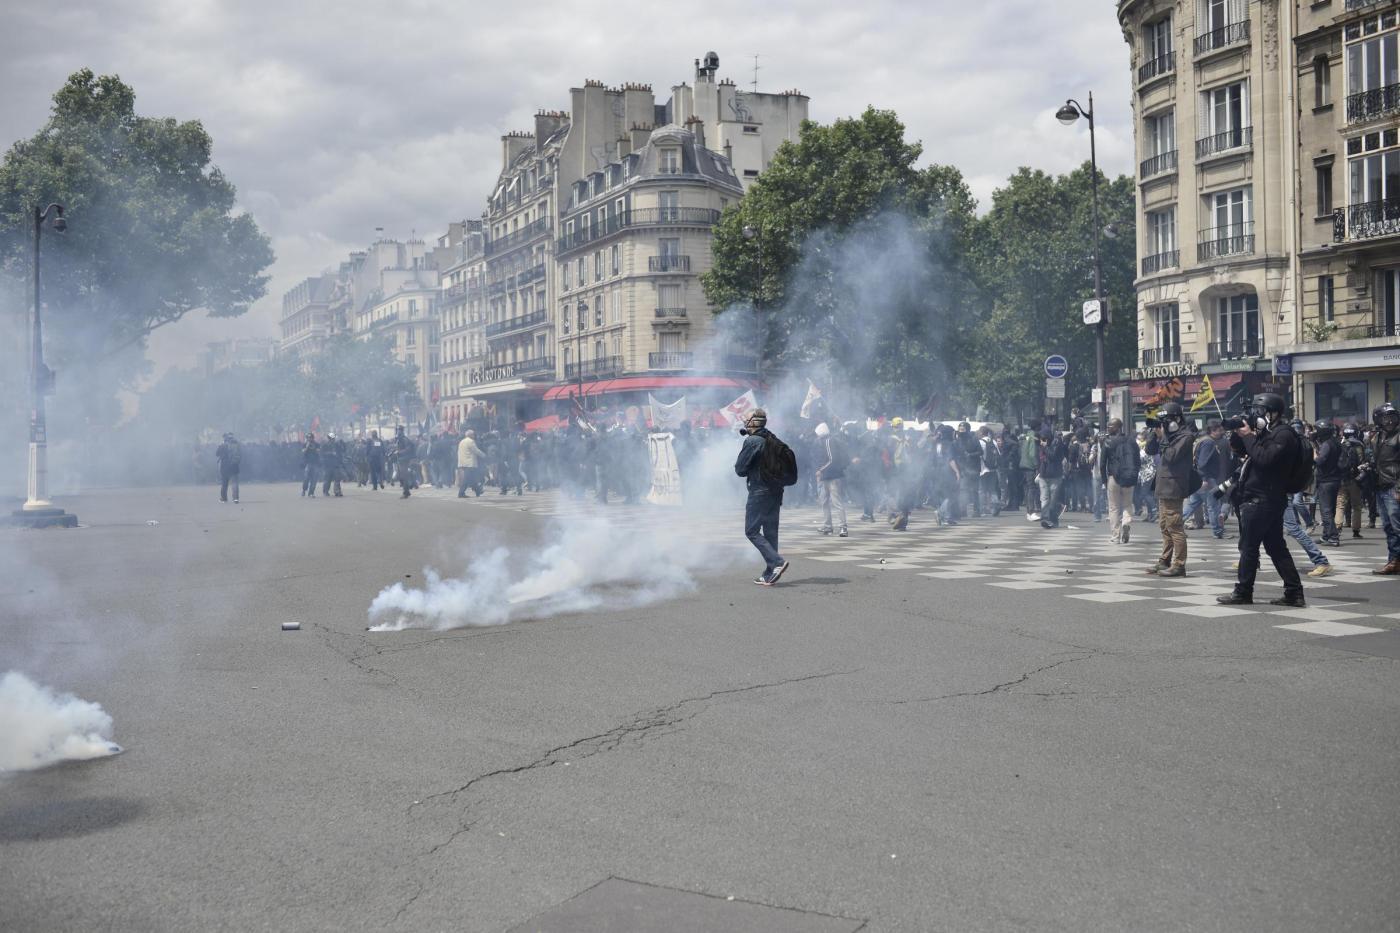 Francia, scontri tra incappucciati e polizia per il Jobs Act